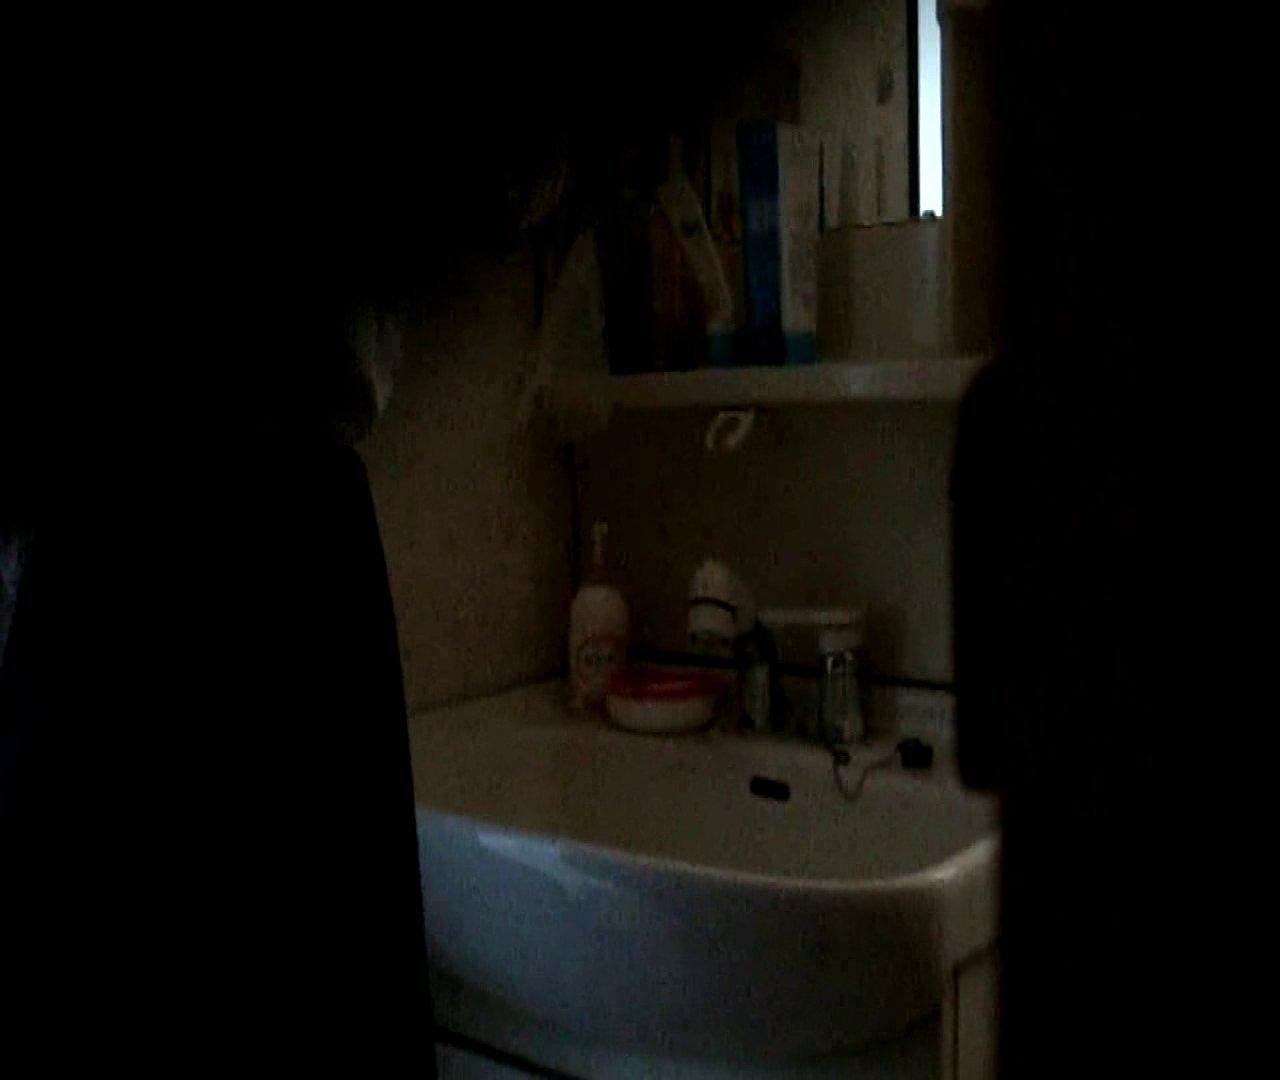 二人とも育てた甲斐がありました… vol.05 まどかが洗顔後にブラを洗濯 盗撮特集   おまんこ  86画像 2